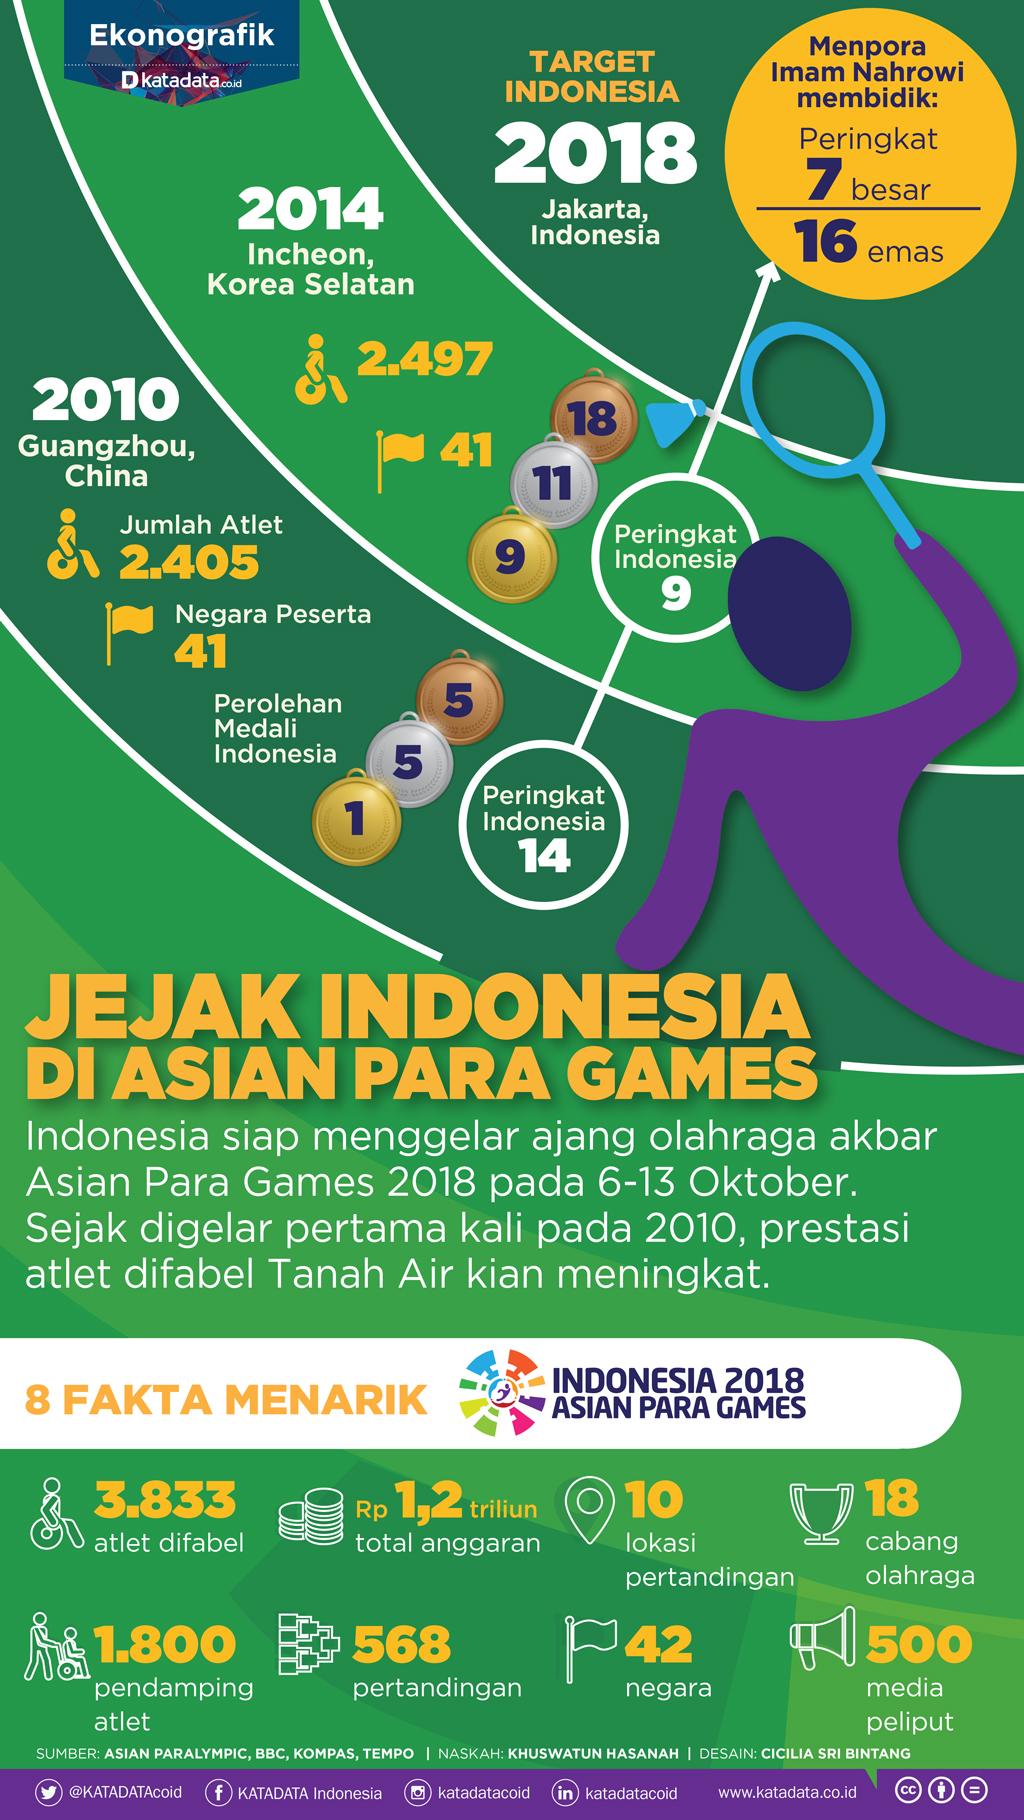 Jejak Indonesia di Asian Para Games